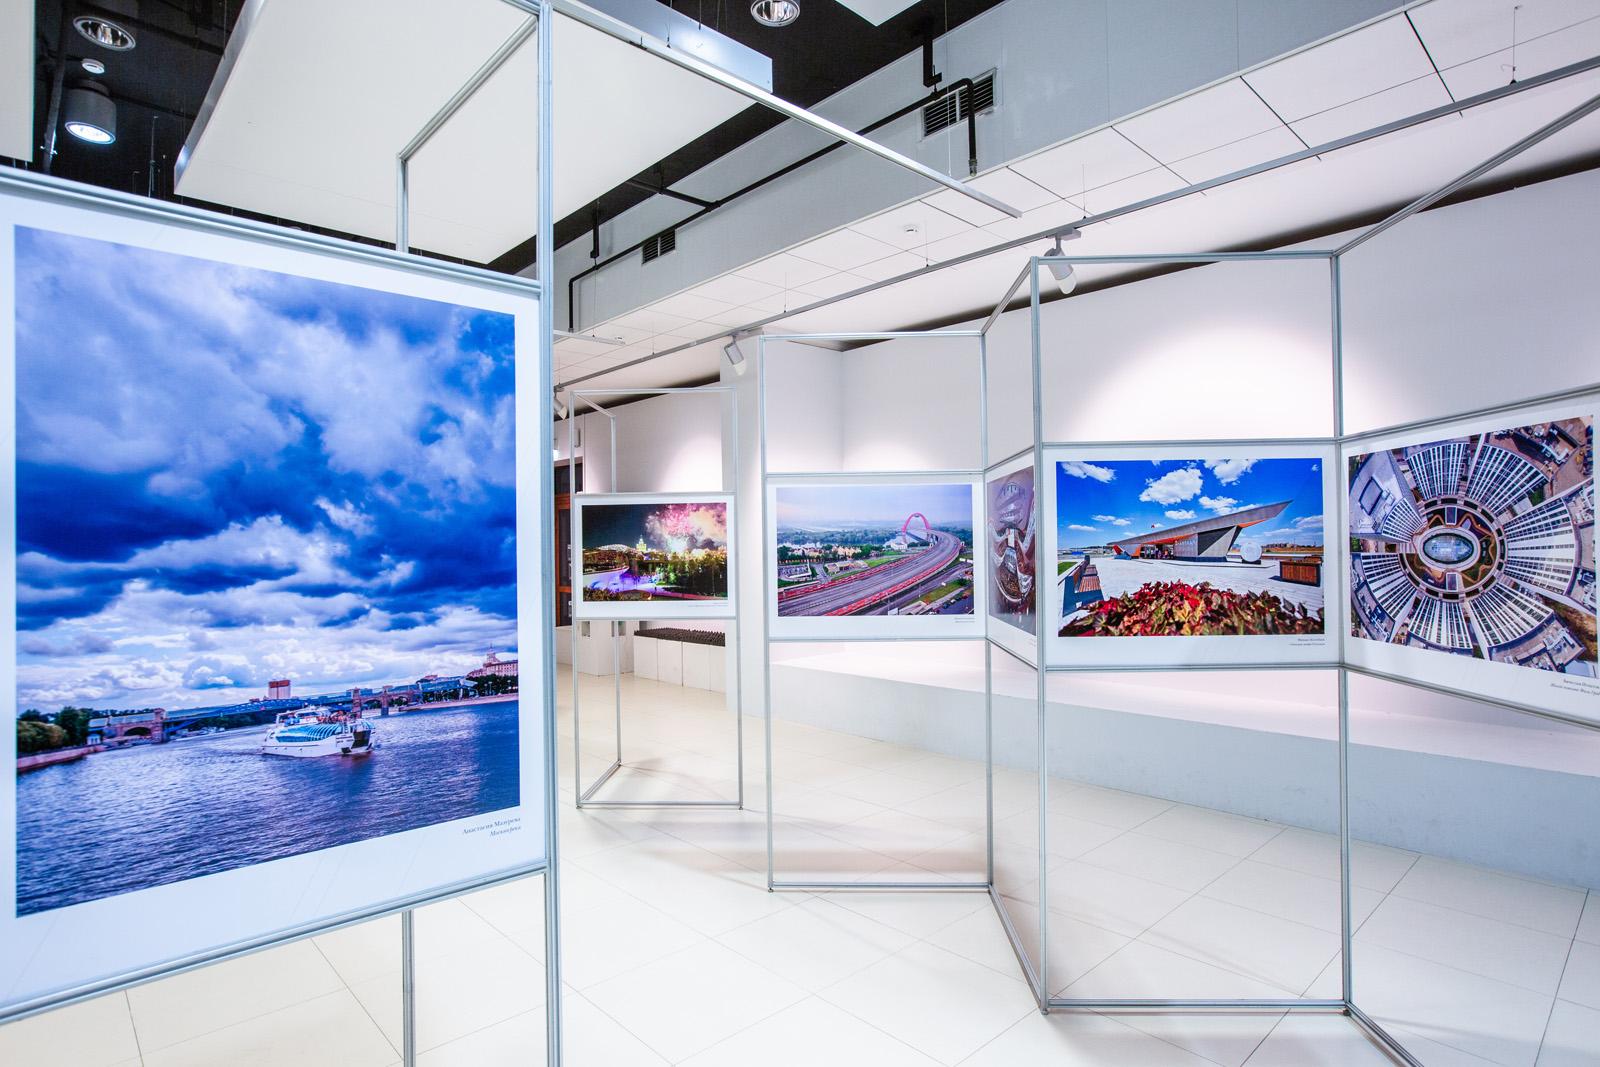 москва территория развития фотовыставка